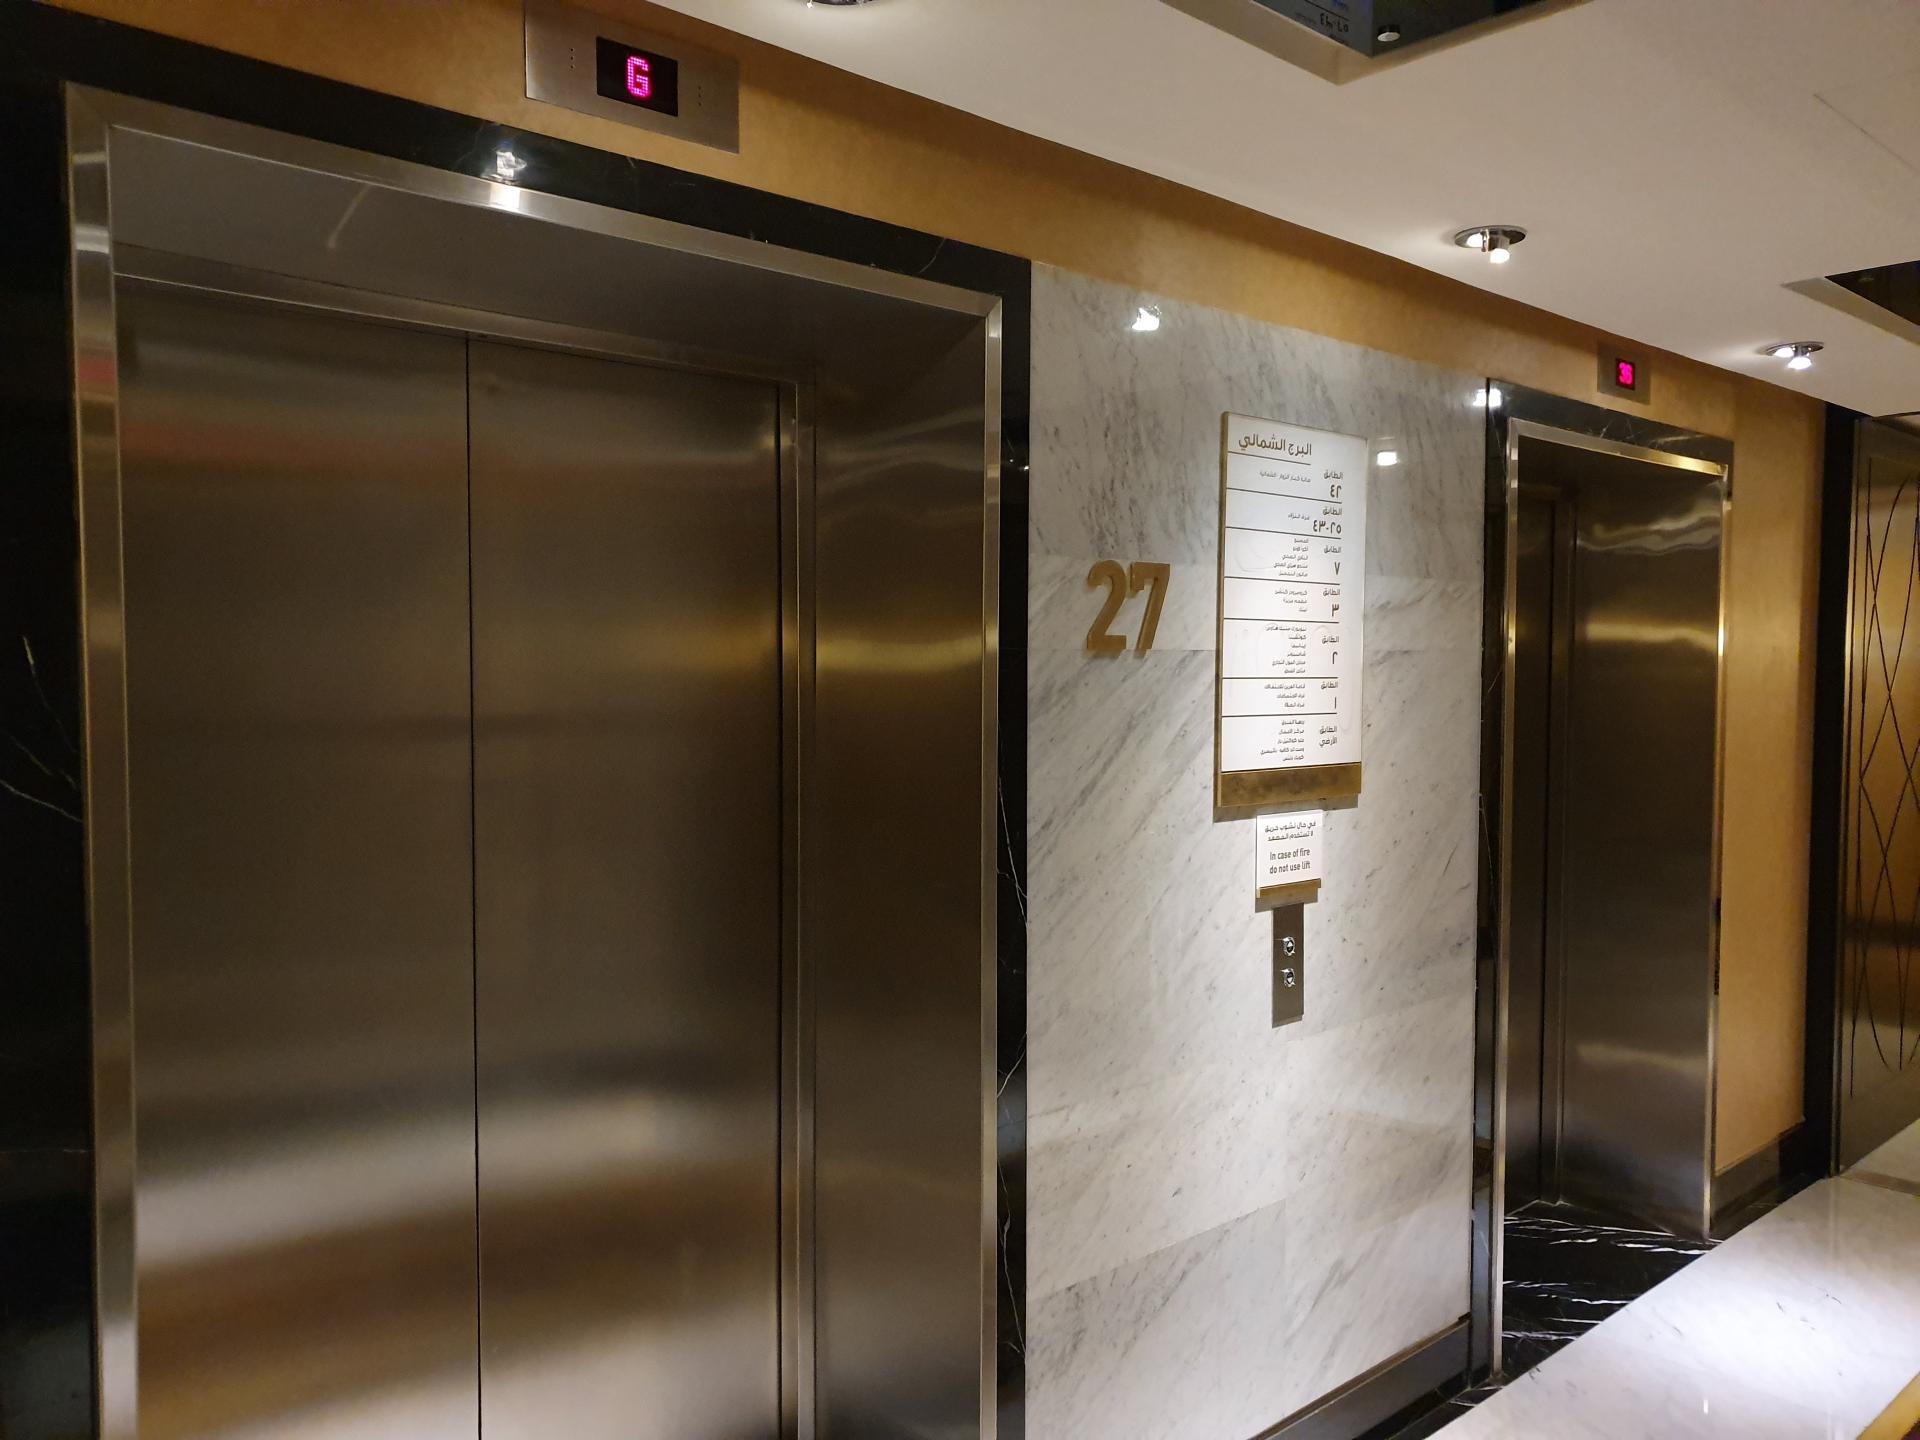 27-ой этаж отеля Mariott Marquis, Доха, Катар